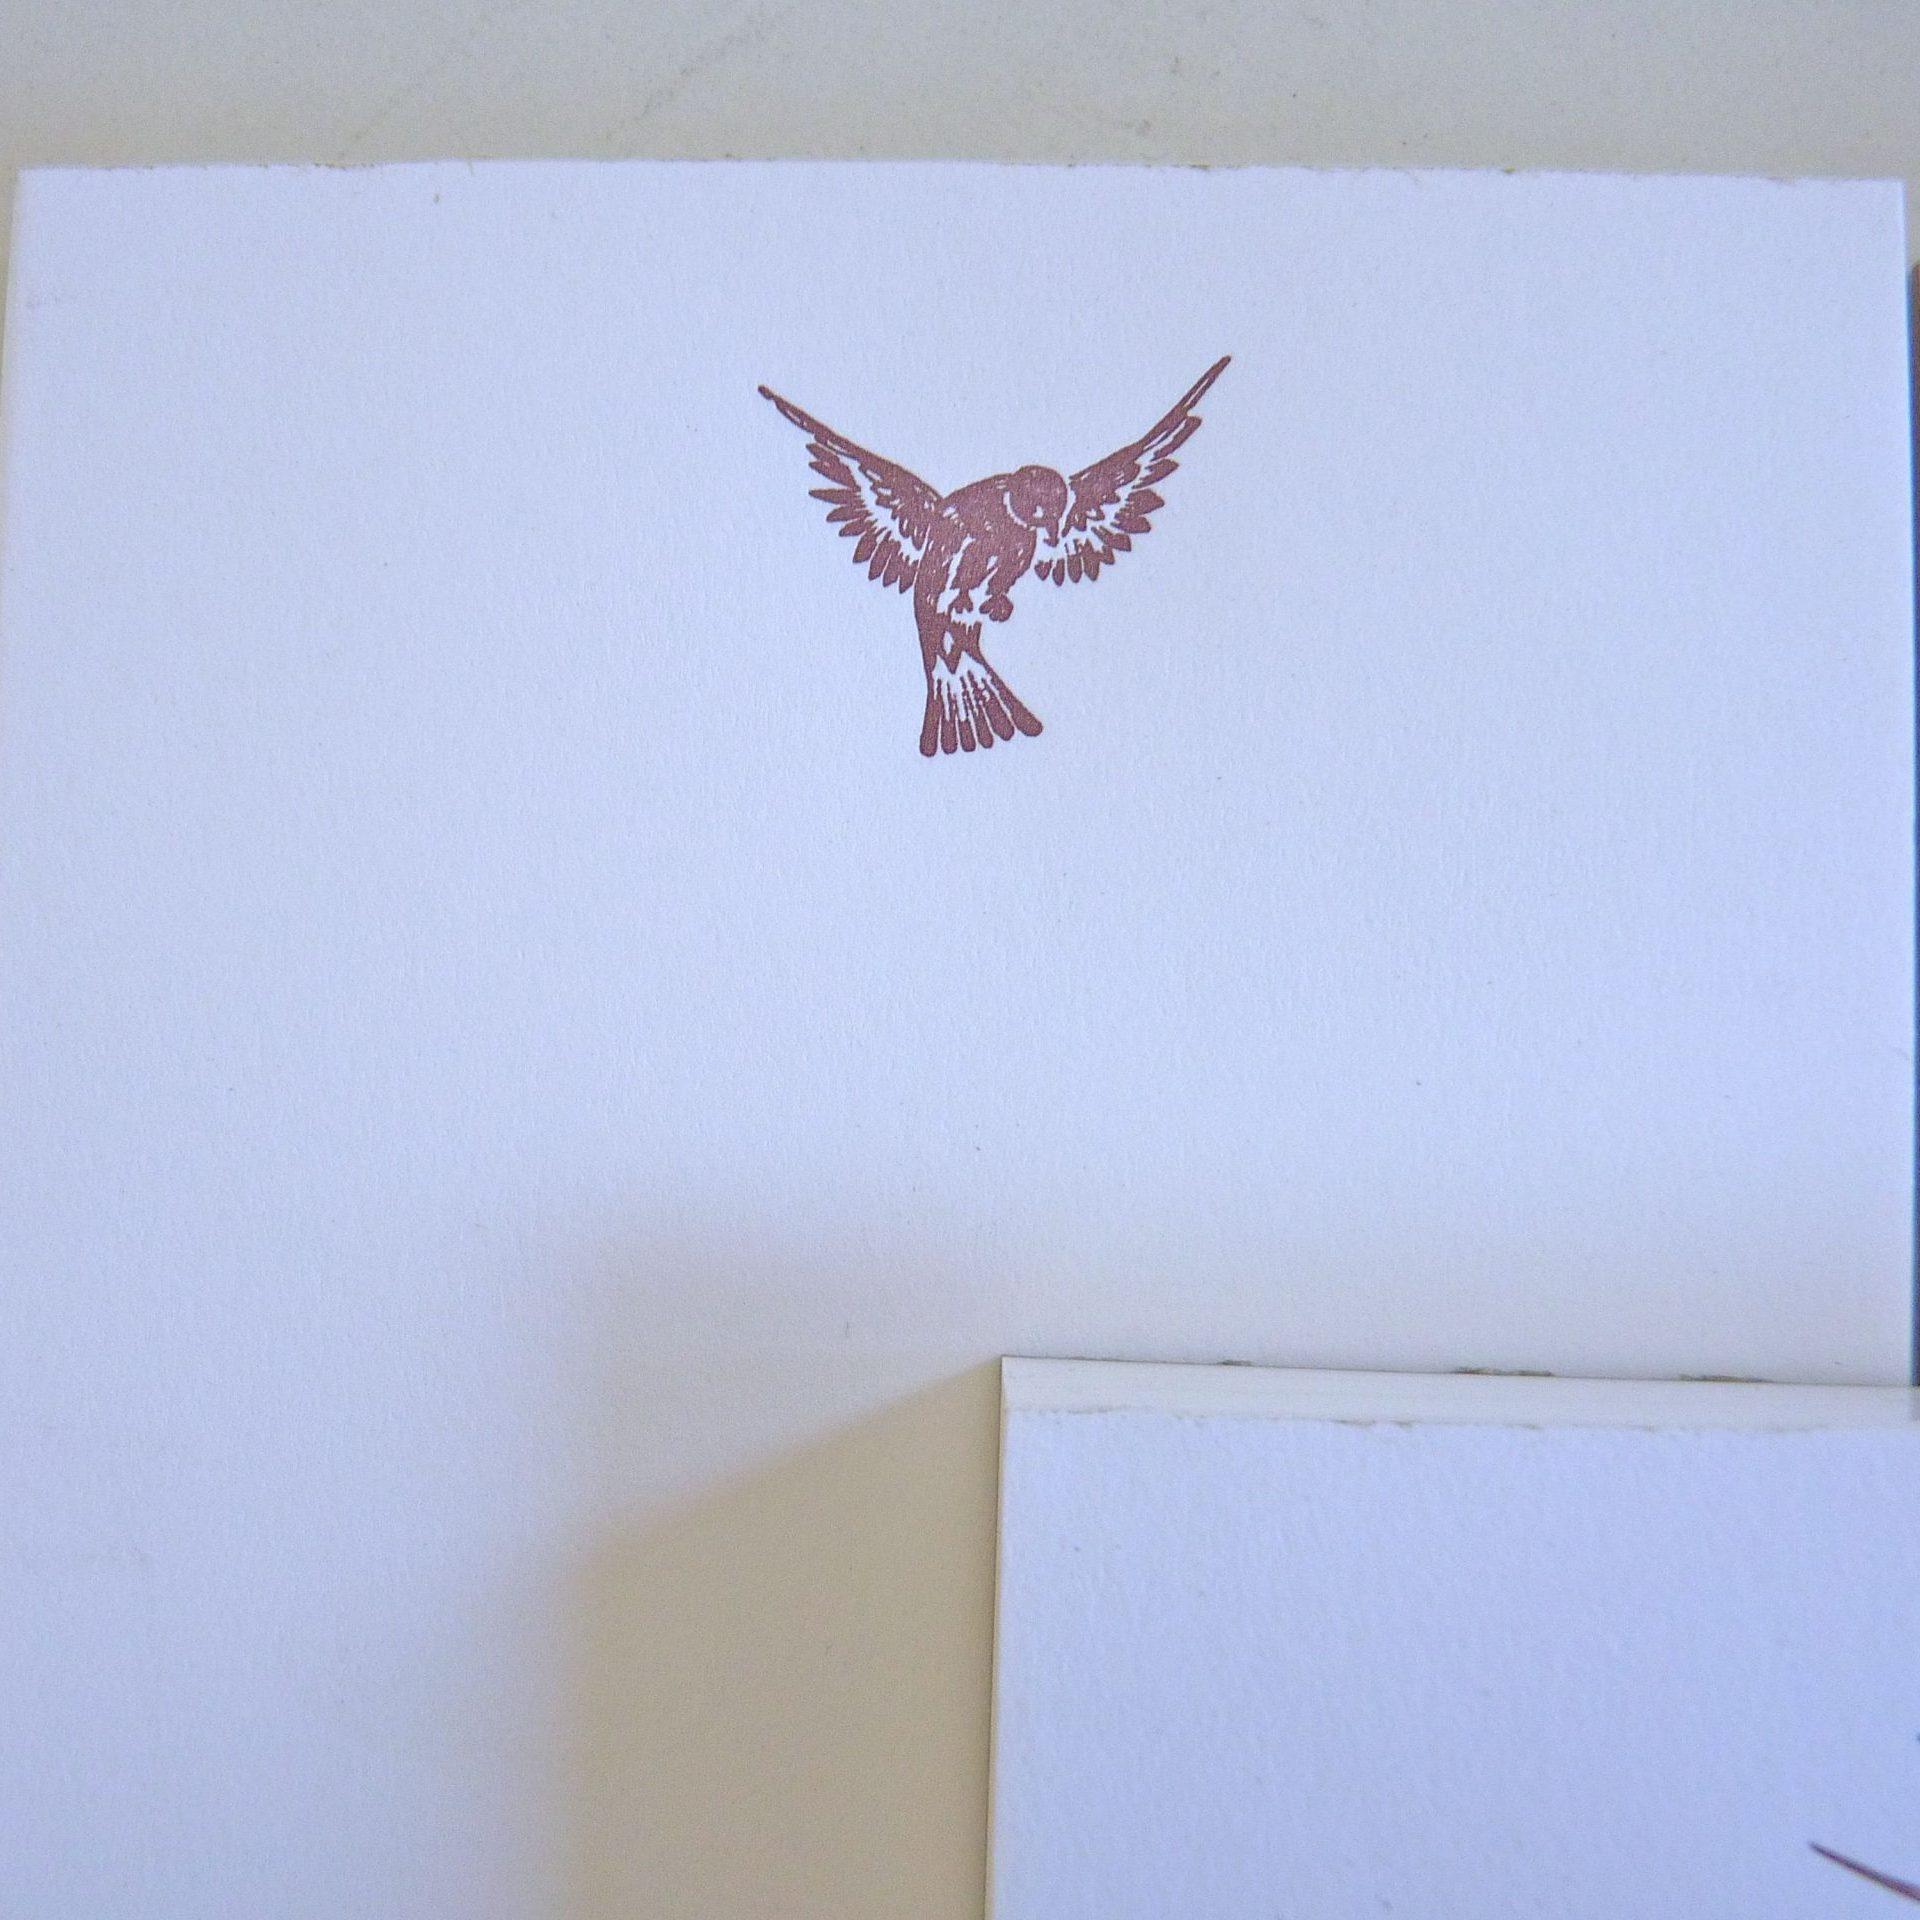 Notepad image of bird landing